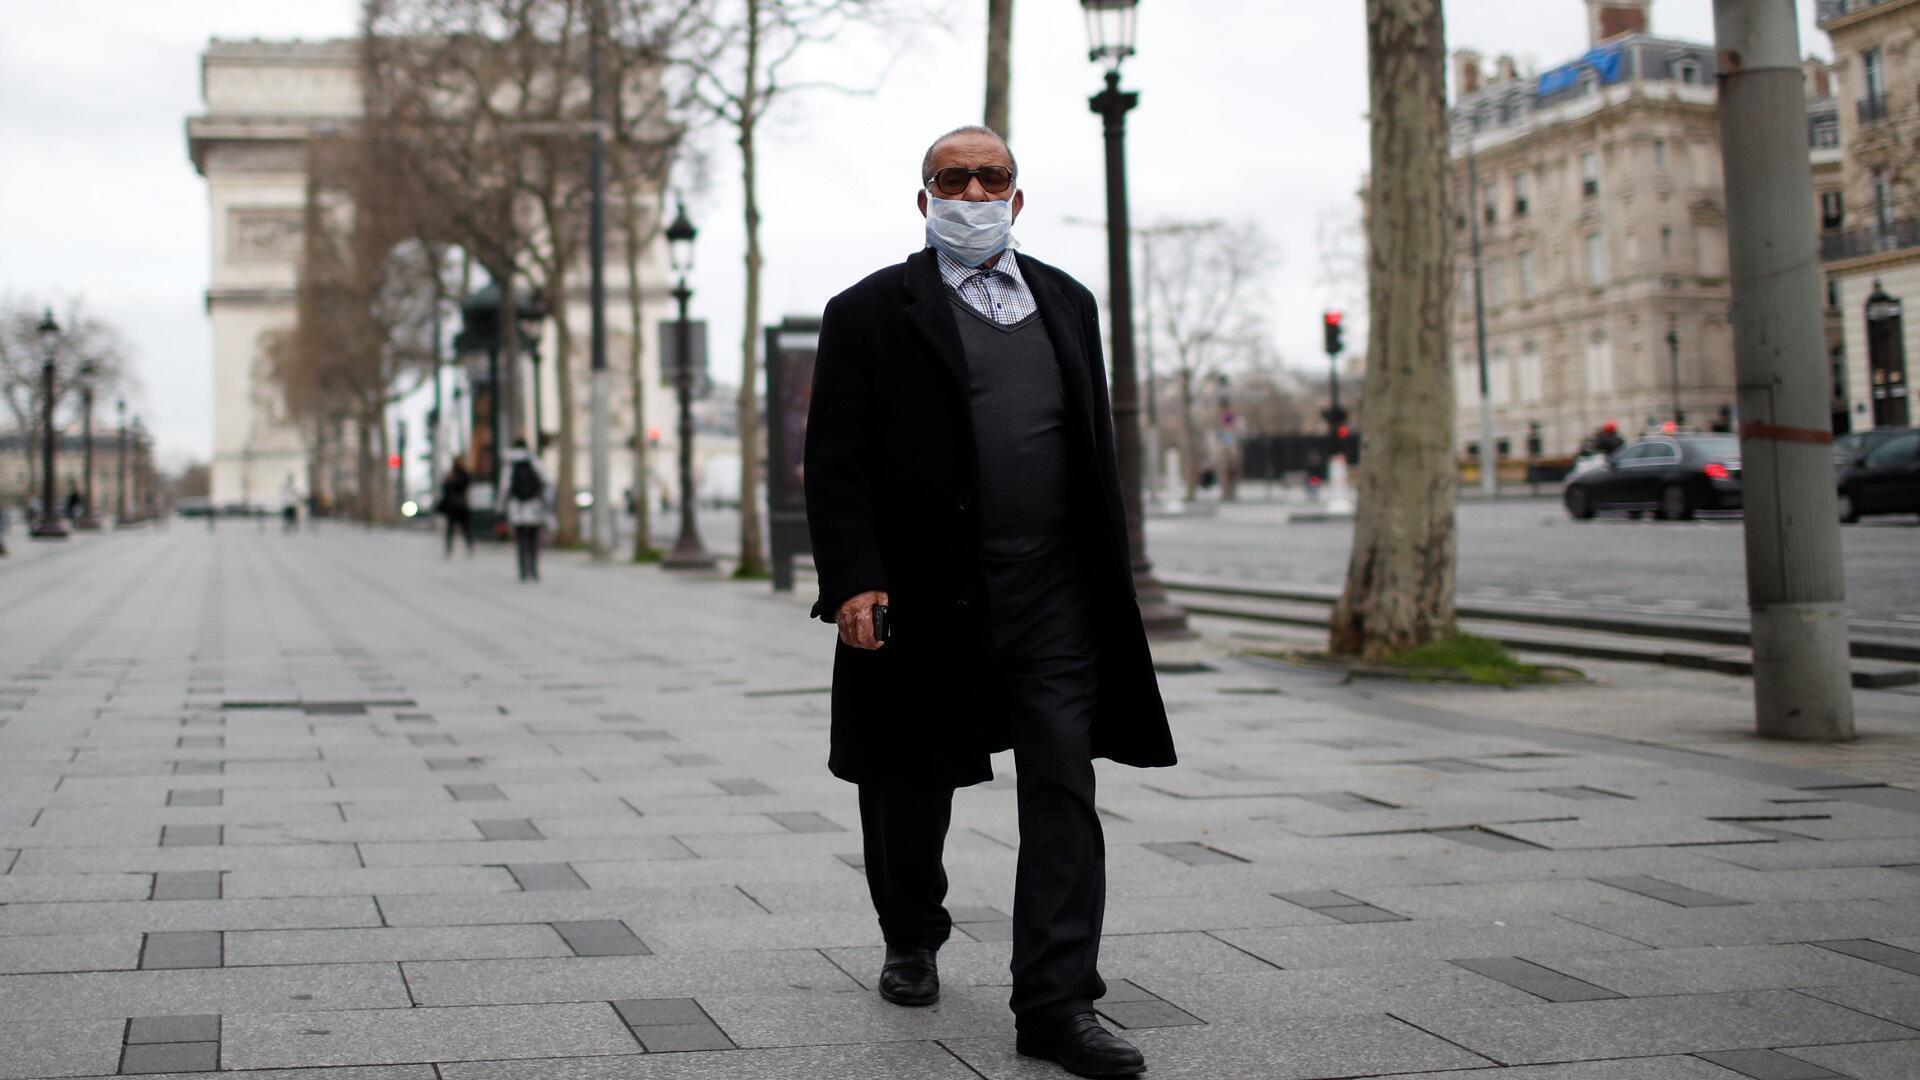 Un hombre con una máscara protectora camina por la avenida de los Campos Elíseos, cerca del Arco de Triunfo en París, mientras las tiendas y las escuelas permanecen cerradas y los trabajadores deben trabajar desde casa si es posible, parte de las últimas medidas gubernamentales francesas contra la enfermedad por el coronavirus.